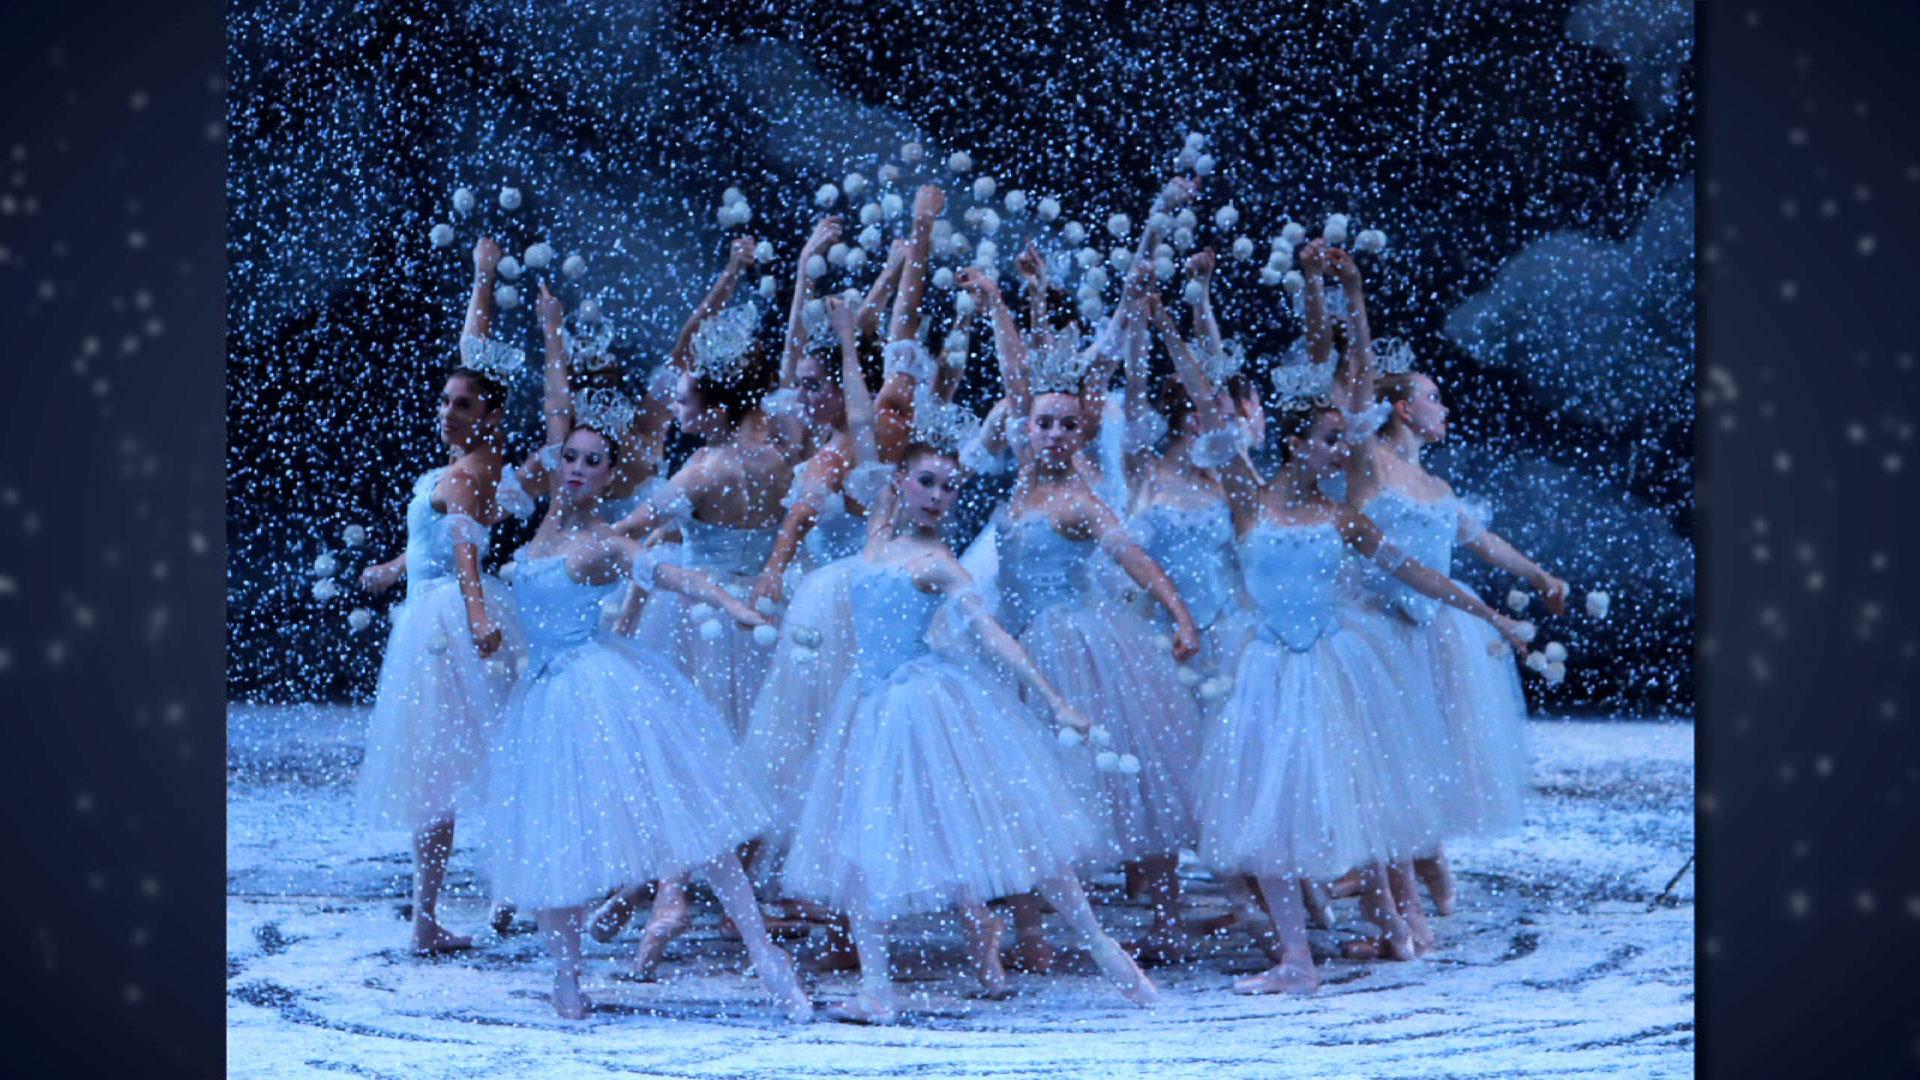 Nutcracker Ballet Wallpaper - WallpaperSafari